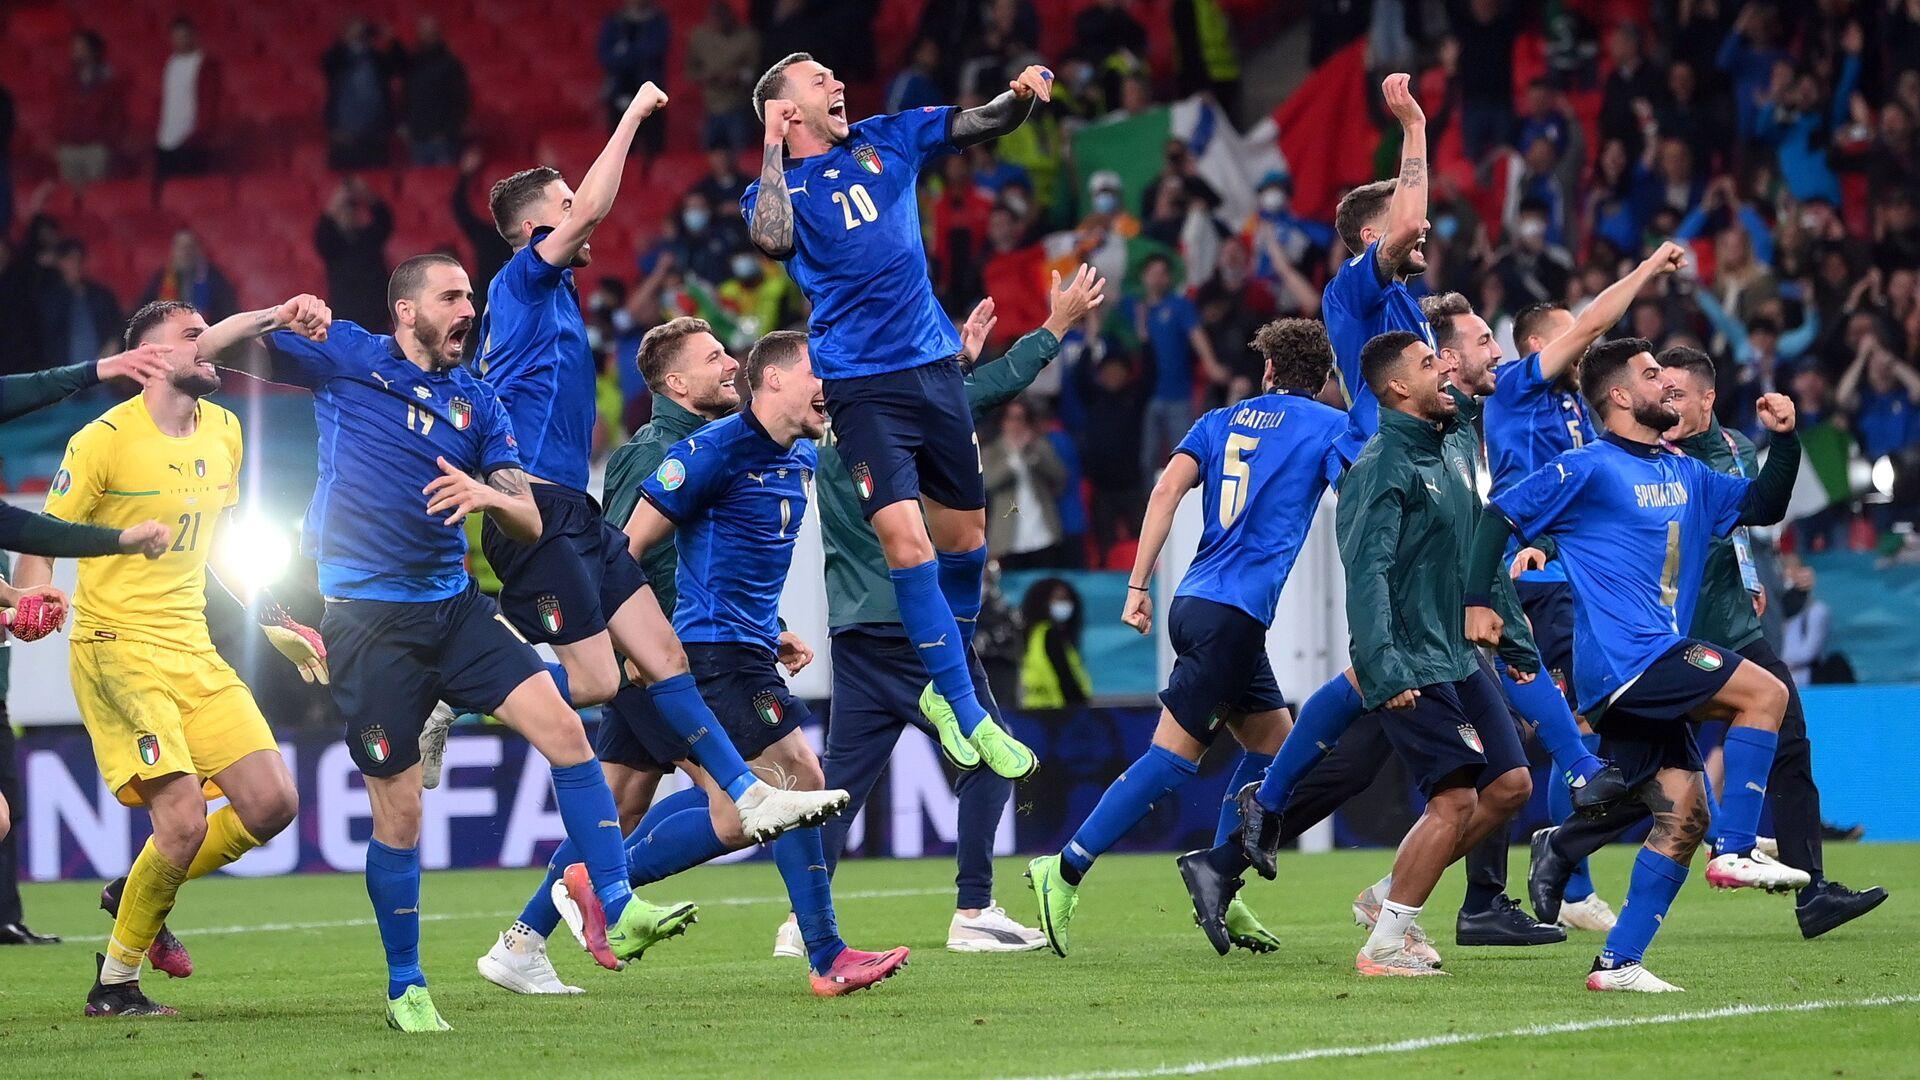 Hráči italské reprezentace, Euro 2020. - Sputnik Česká republika, 1920, 11.07.2021